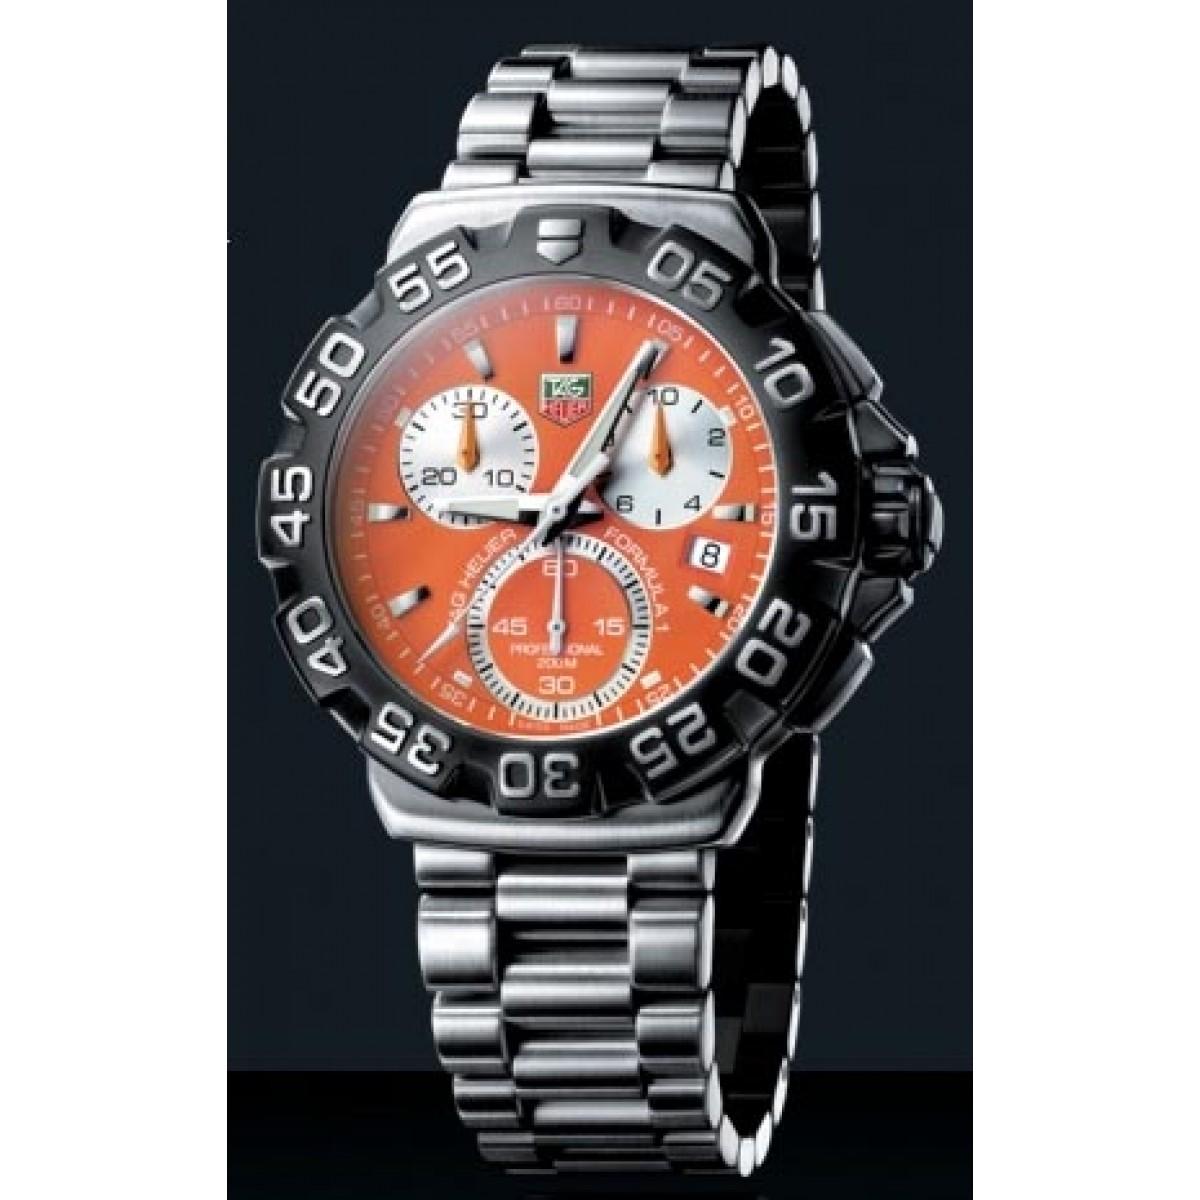 11e84f237a9 Relógio Réplica Tag Heuer Formula 1 Fernando Alonso